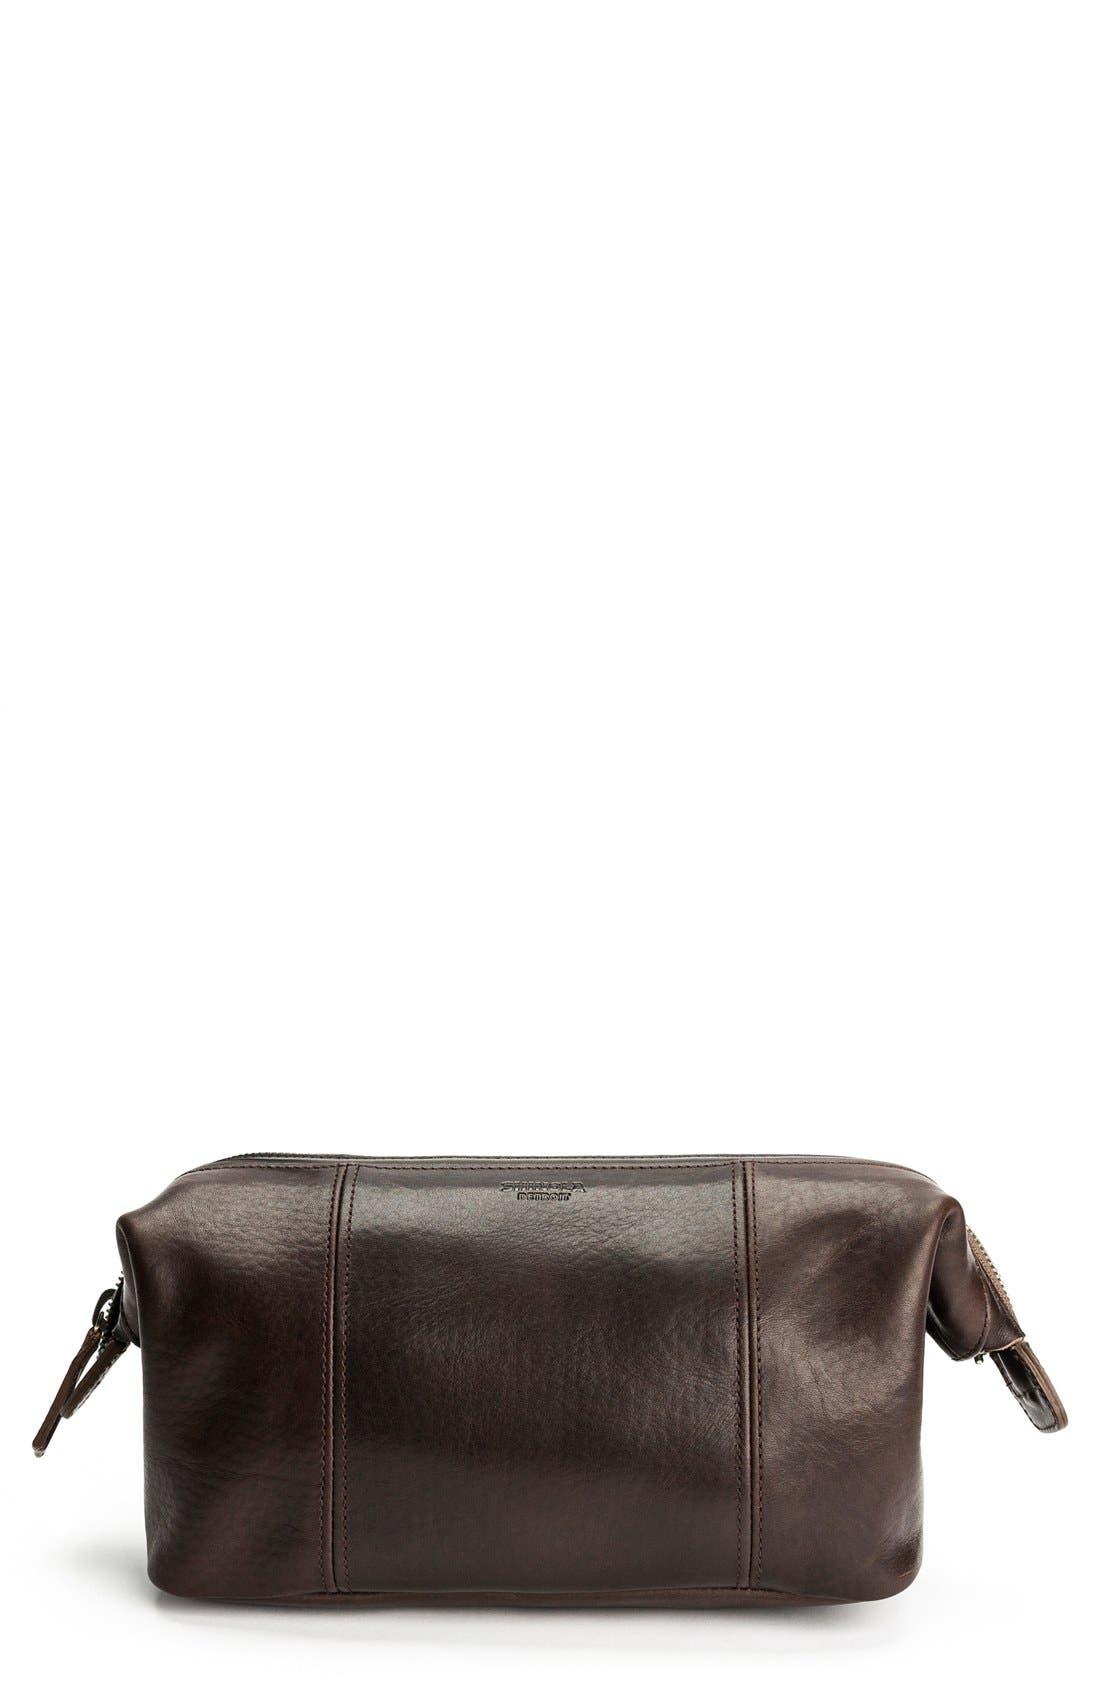 Leather Travel Kit,                             Main thumbnail 3, color,